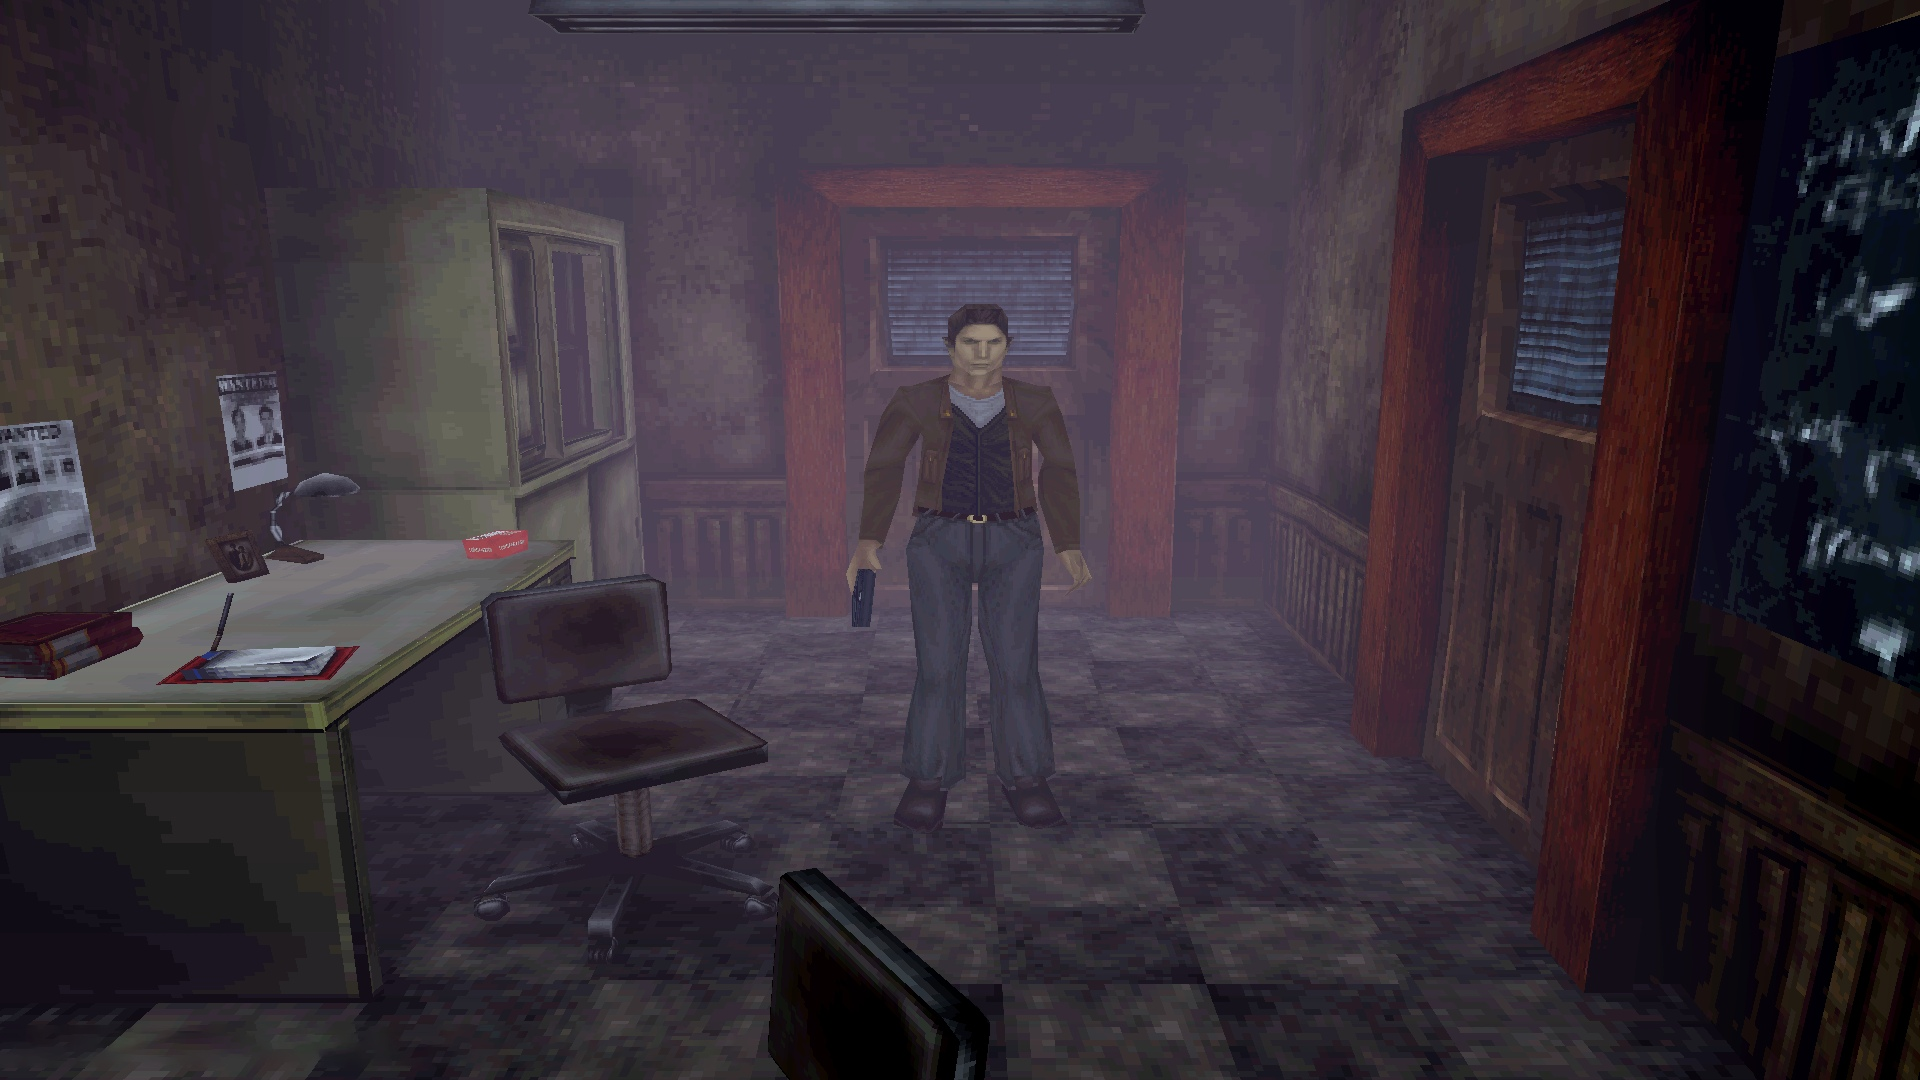 Games like Resident Evil - Silent Hill